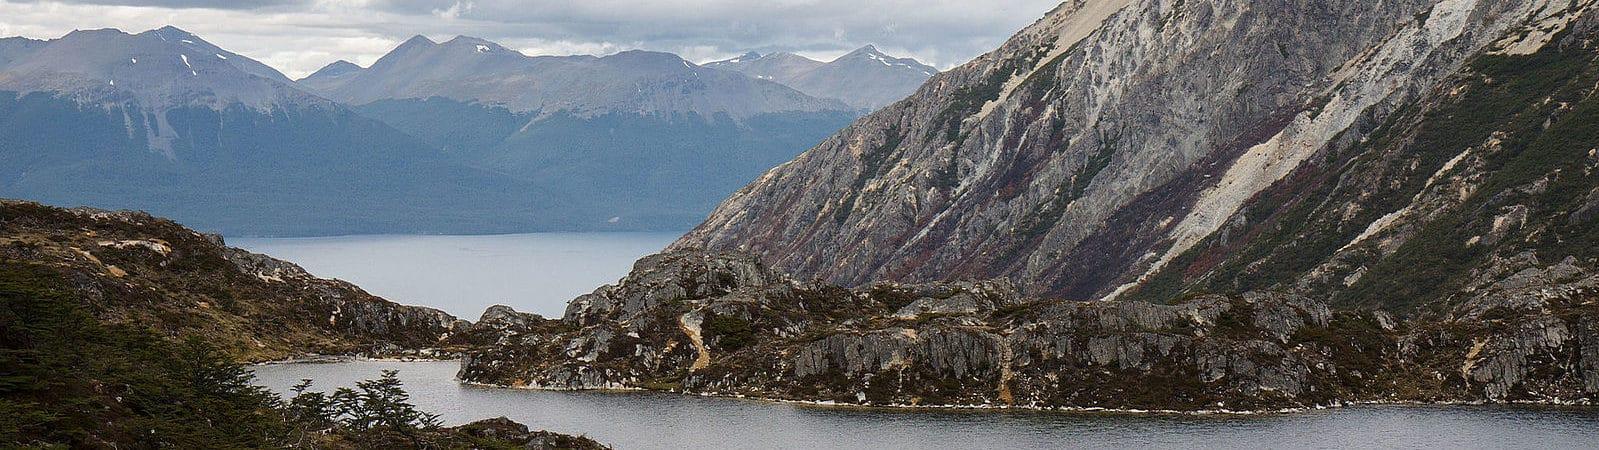 Cruce de Tierra del Fuego 7 day guided trek